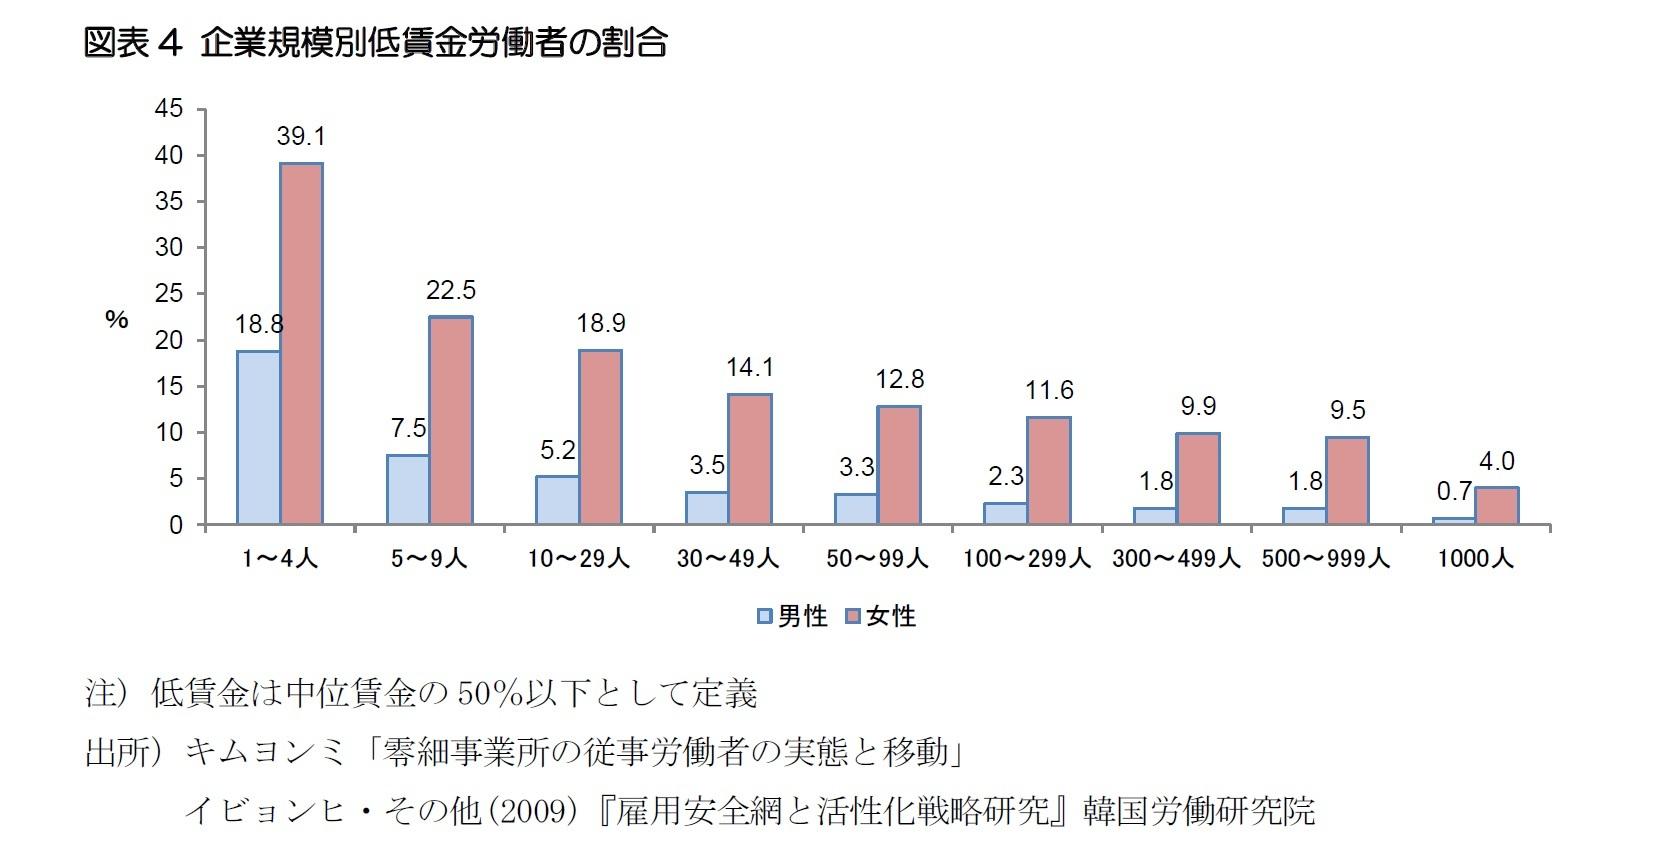 図表4 企業規模別低賃金労働者の割合